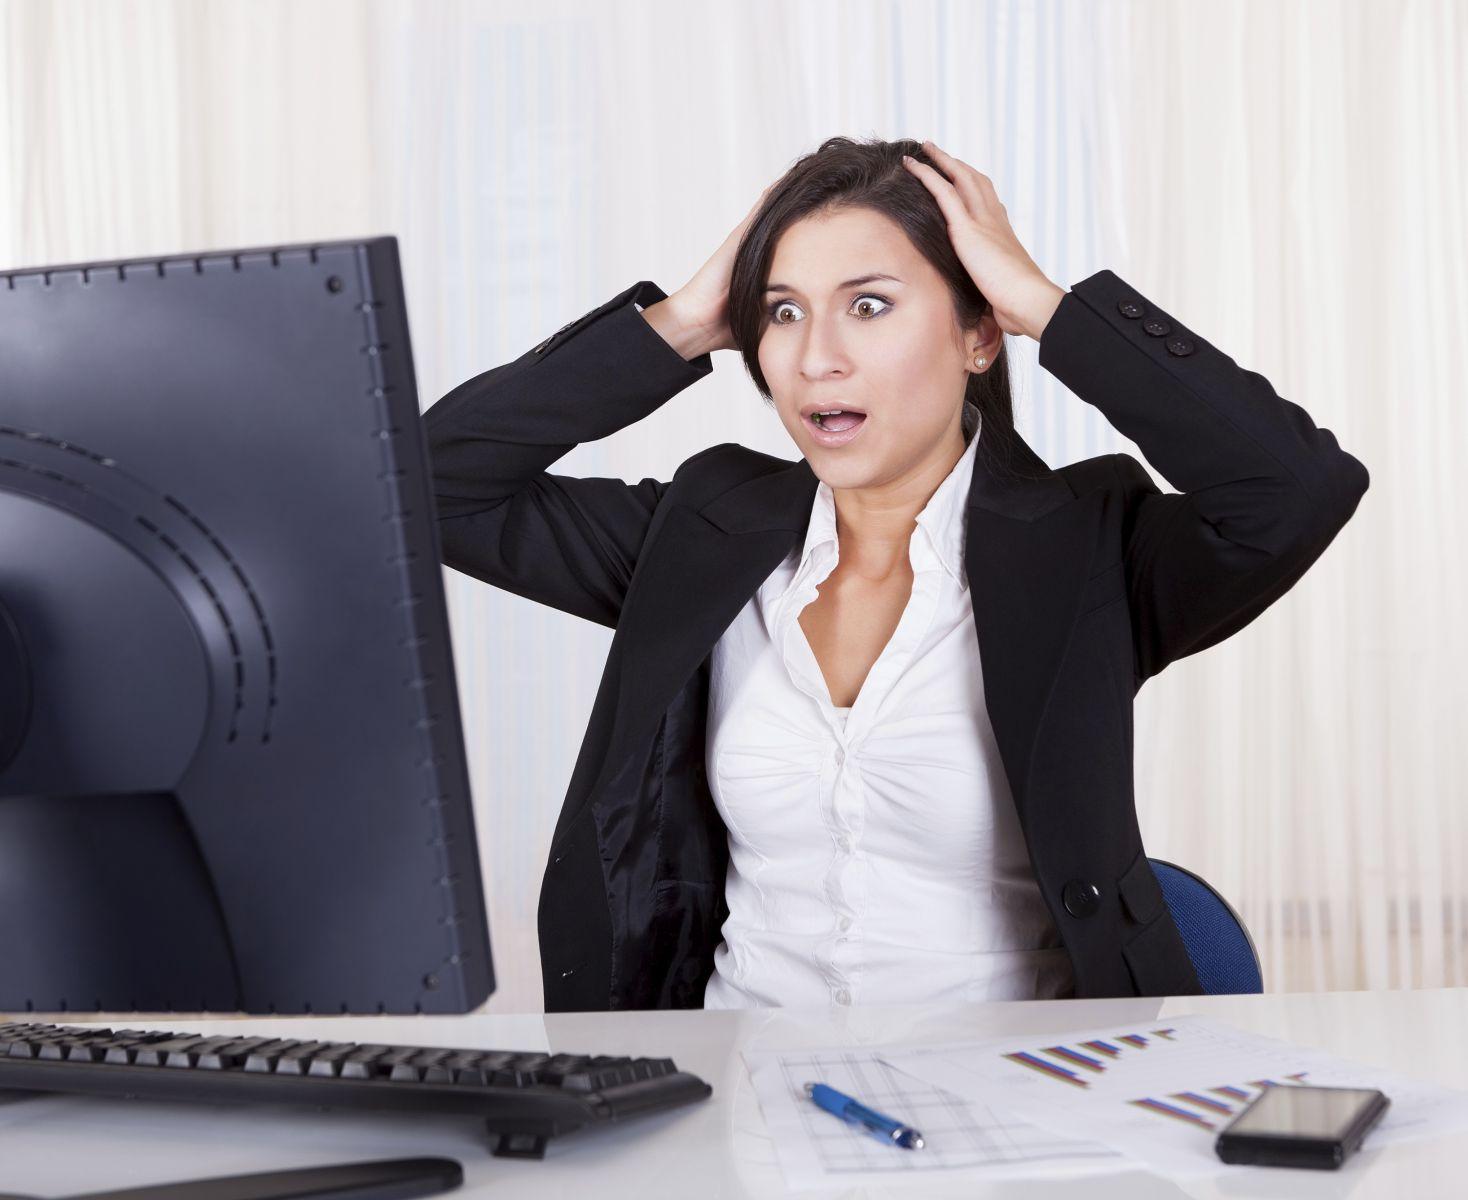 önéletrajz hibák 2014: a legütősebb önéletrajz hibák   Profession.hu önéletrajz hibák